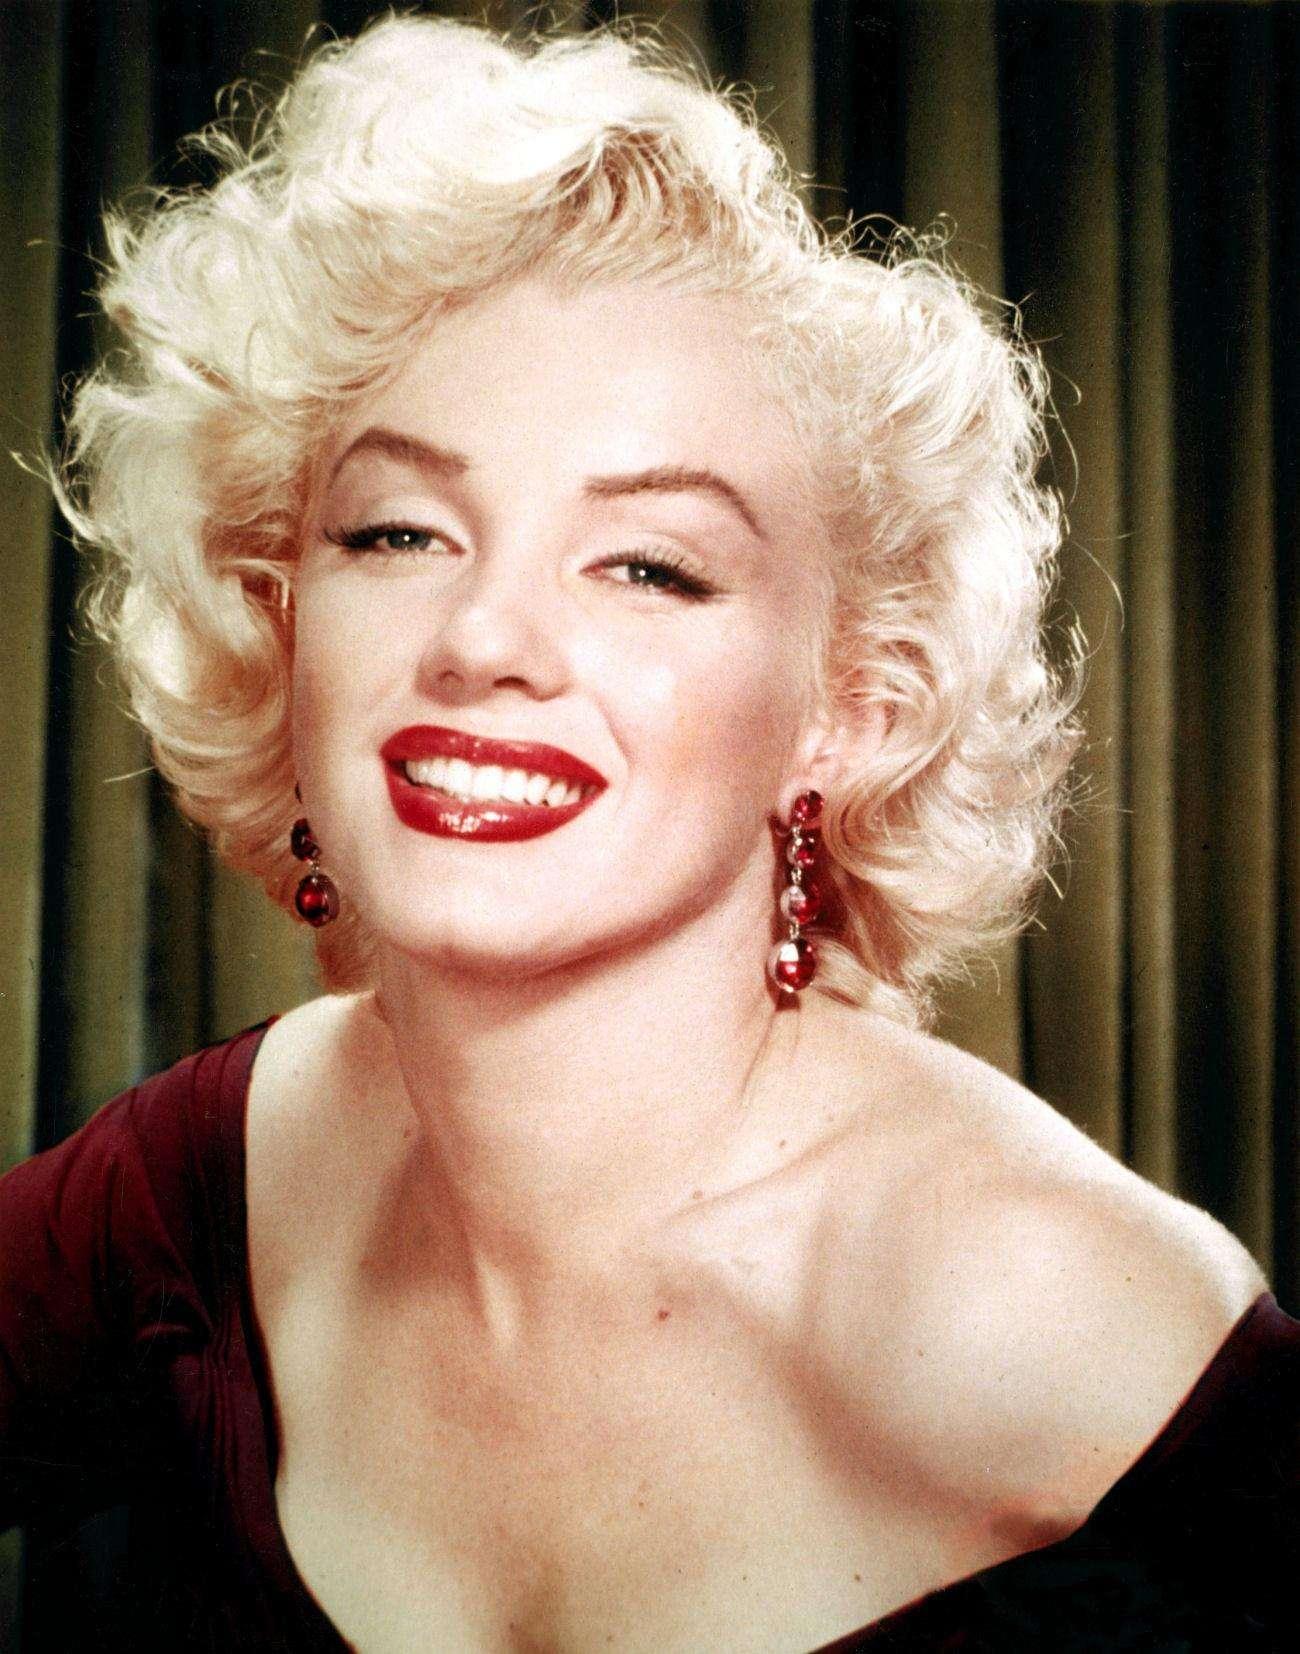 nhan vat marilyn monroe 2 44 câu nói bất hủ của Marilyn Monroe